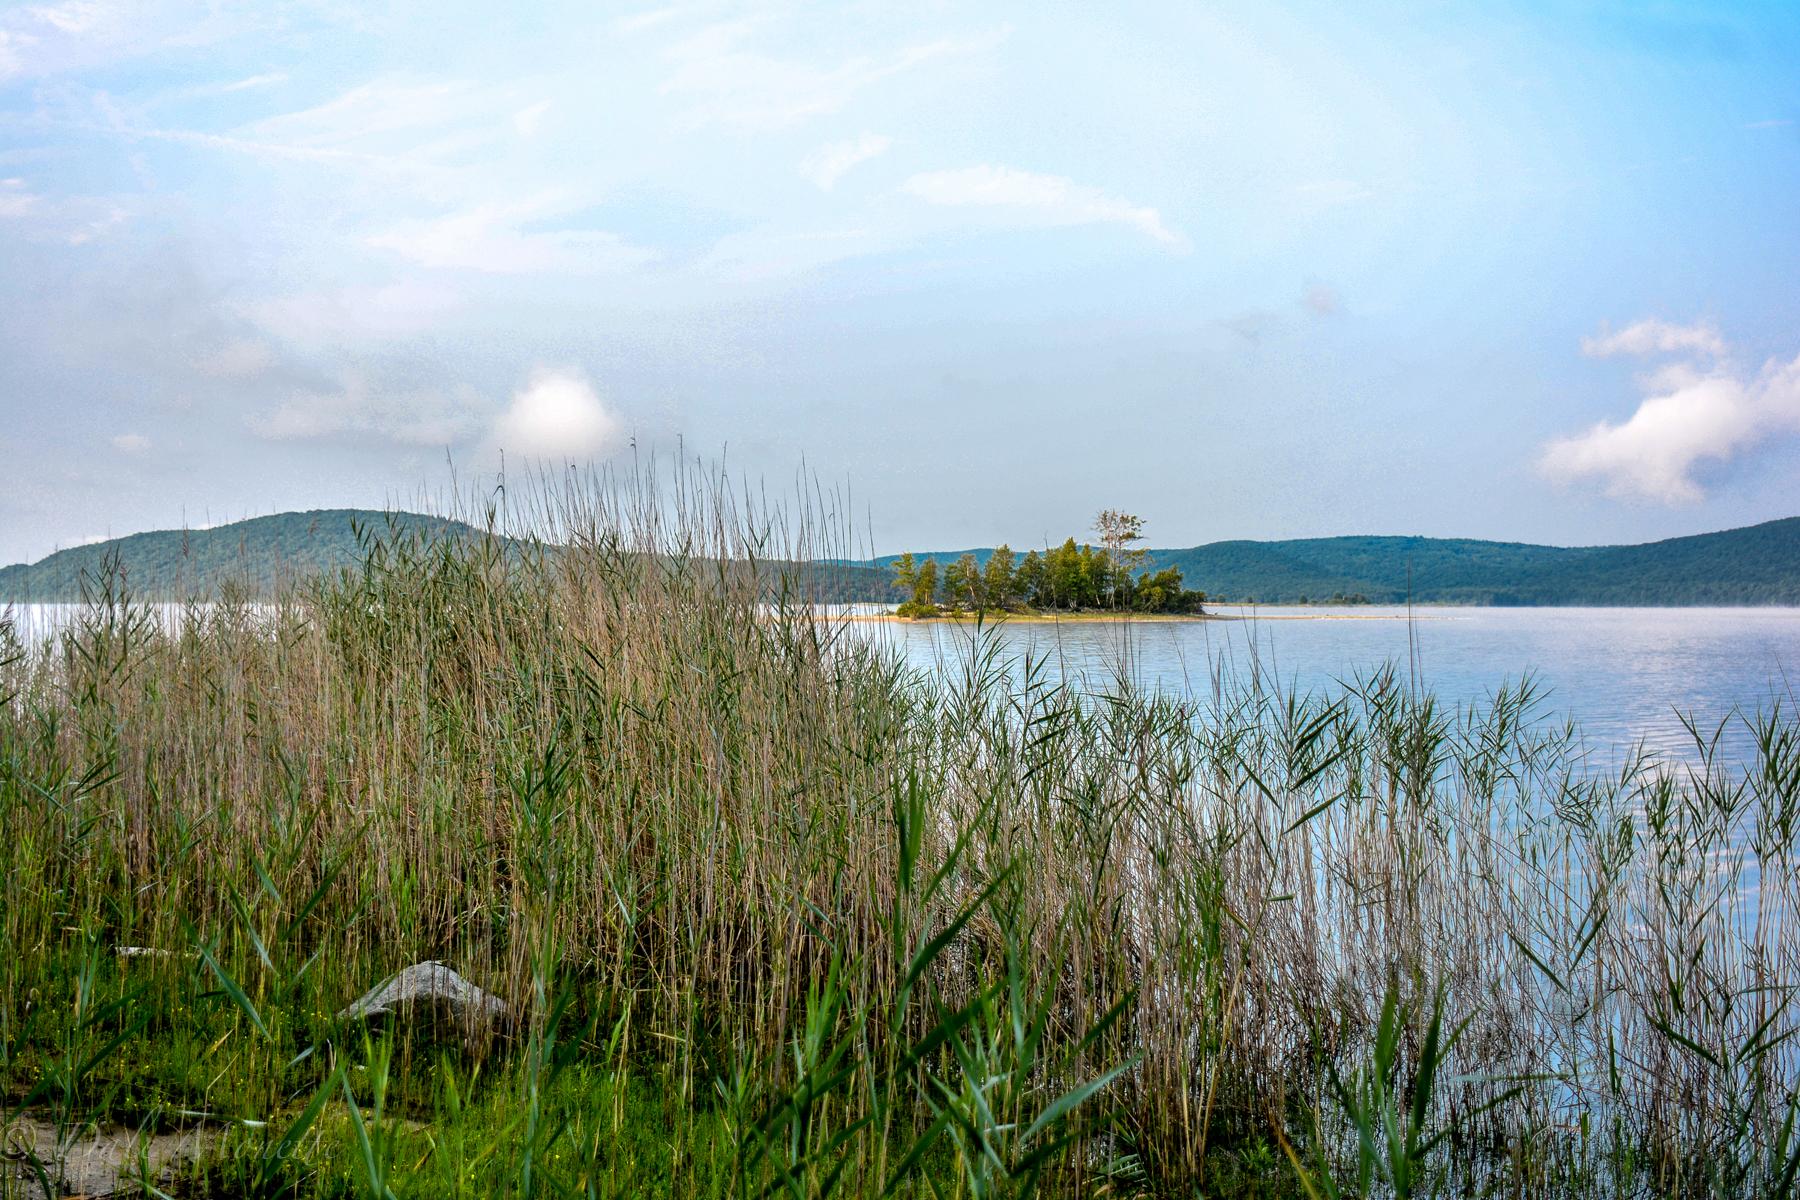 Late summer in northern Quabbin